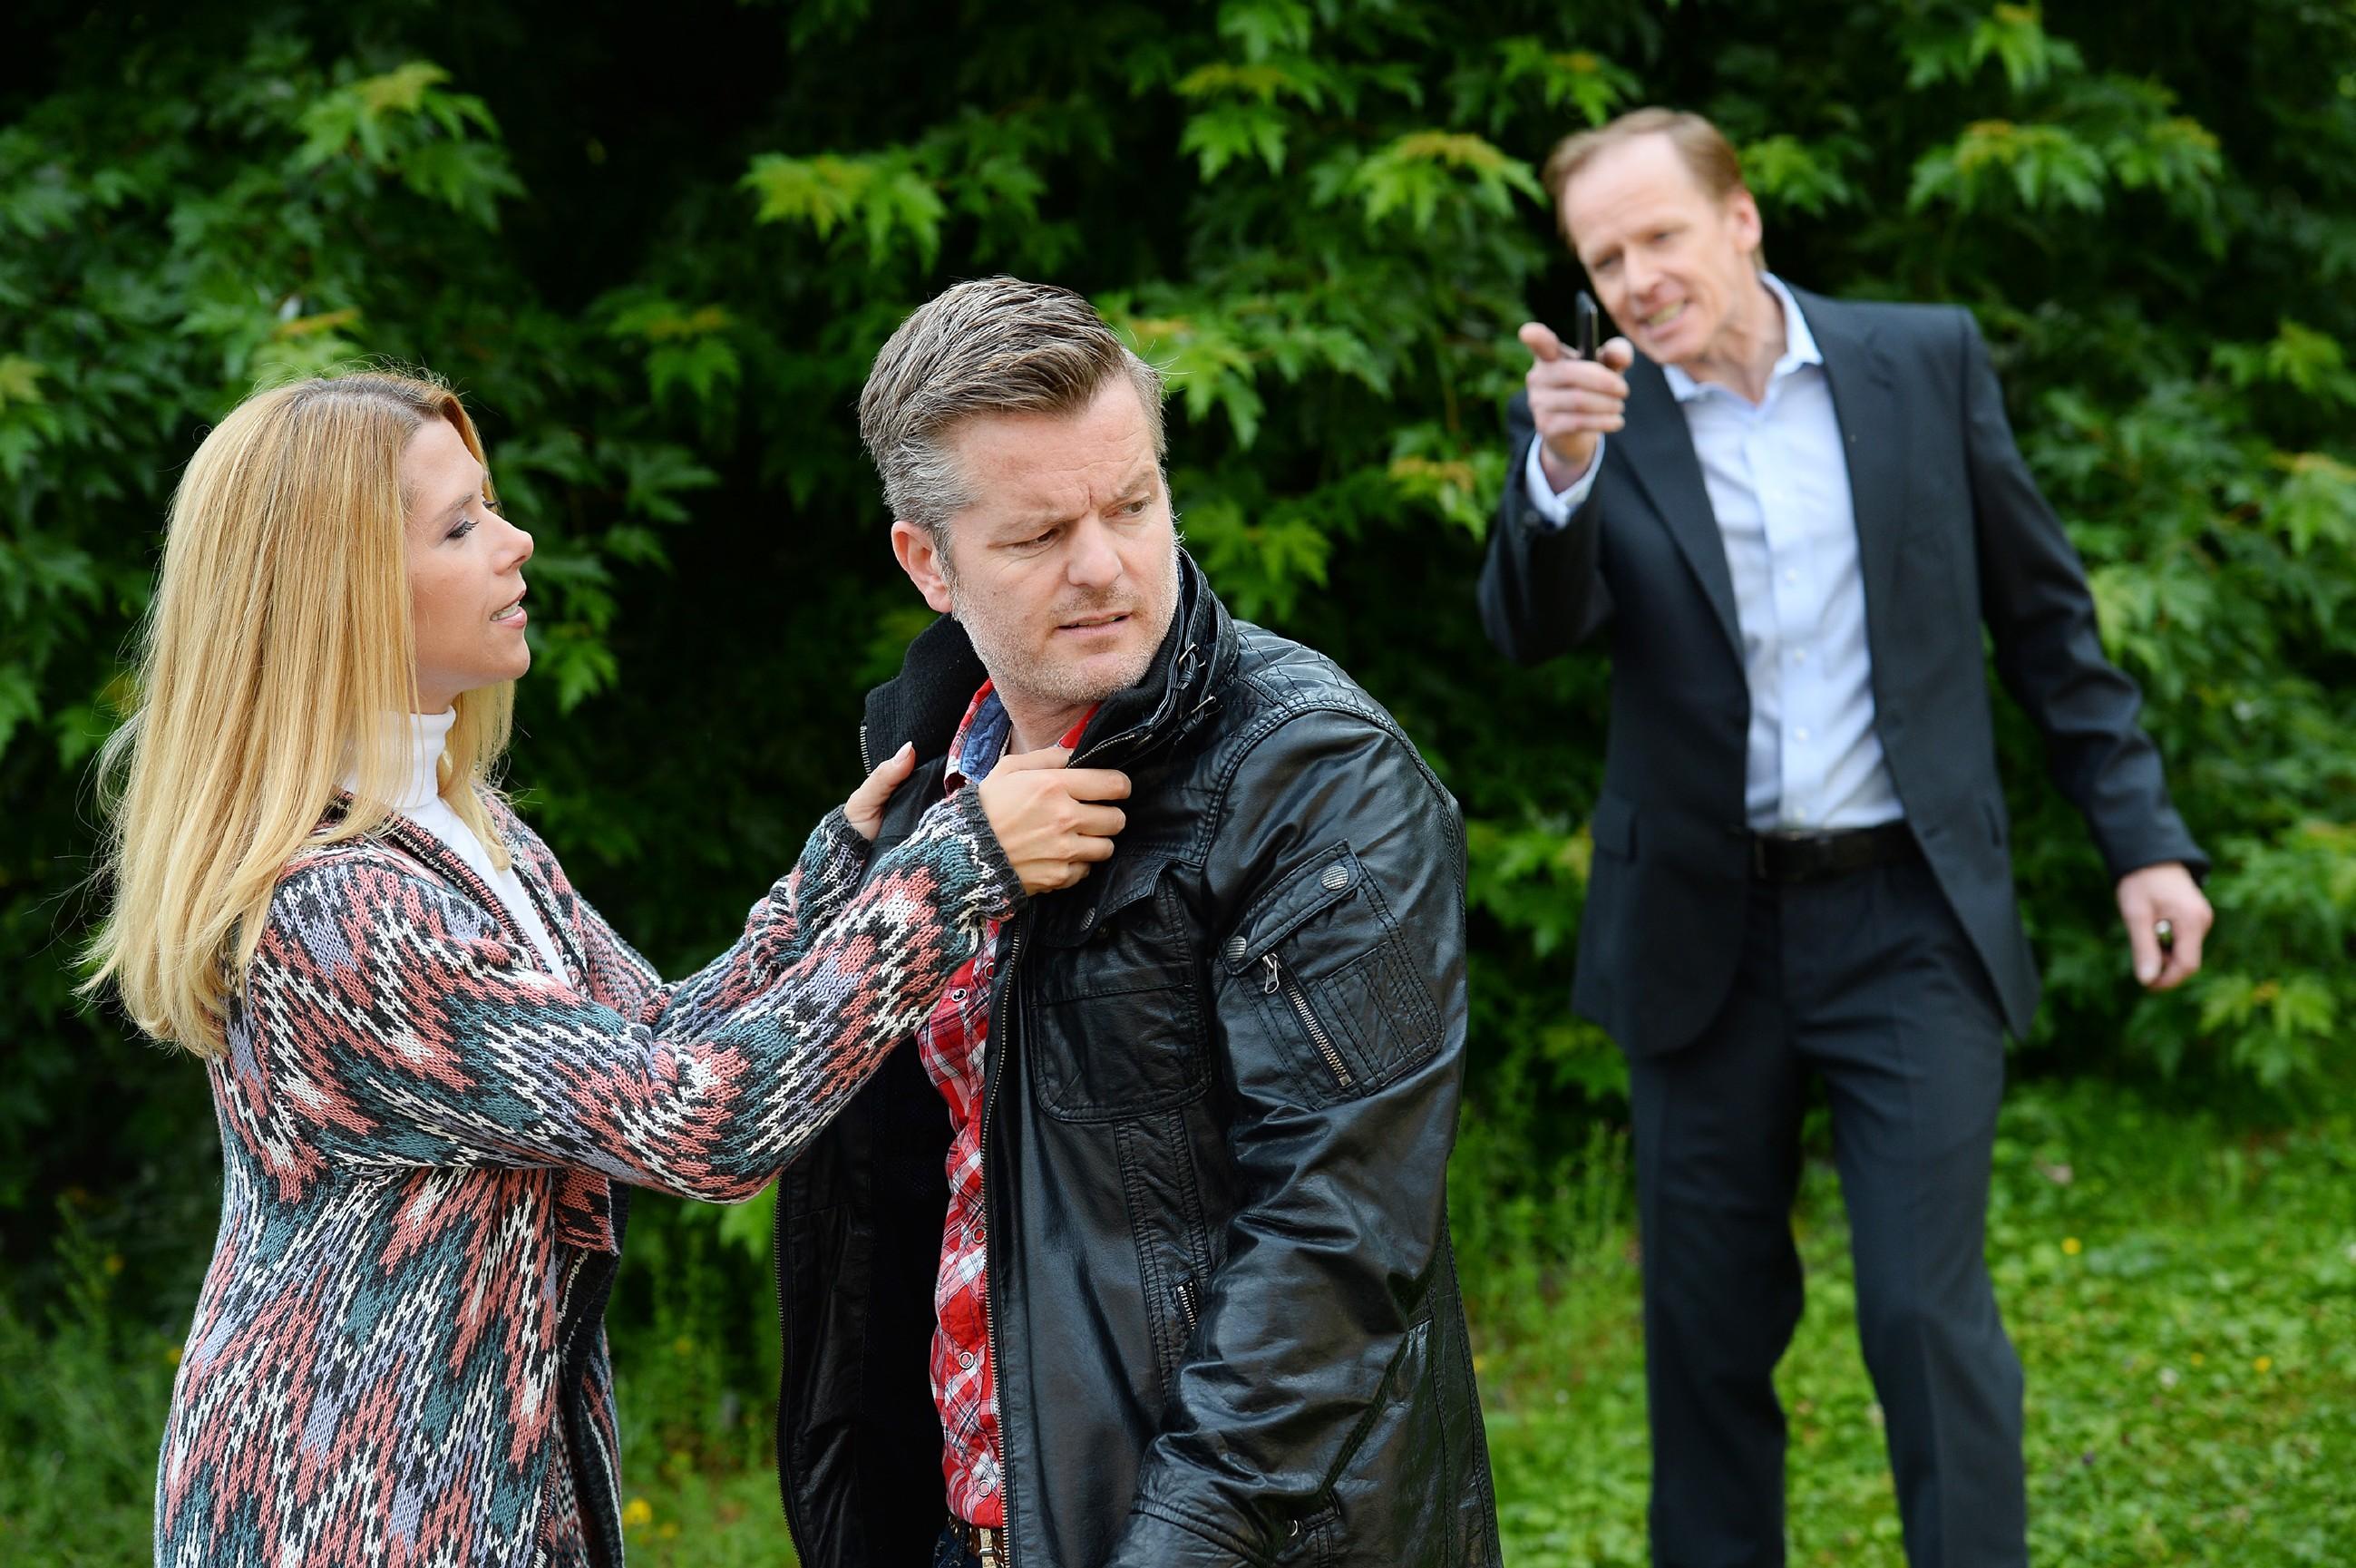 Als Ingo (AndréŽ Dietz, M.) handgreiflich wird, um über Beas Scheidungsanwalt Victor Riemke (Dieter Gring) an Beas Adresse zu kommen, verhindert Diana (Tanja Szewczenko) Schlimmeres. (Quelle: RTL / Willi Weber)